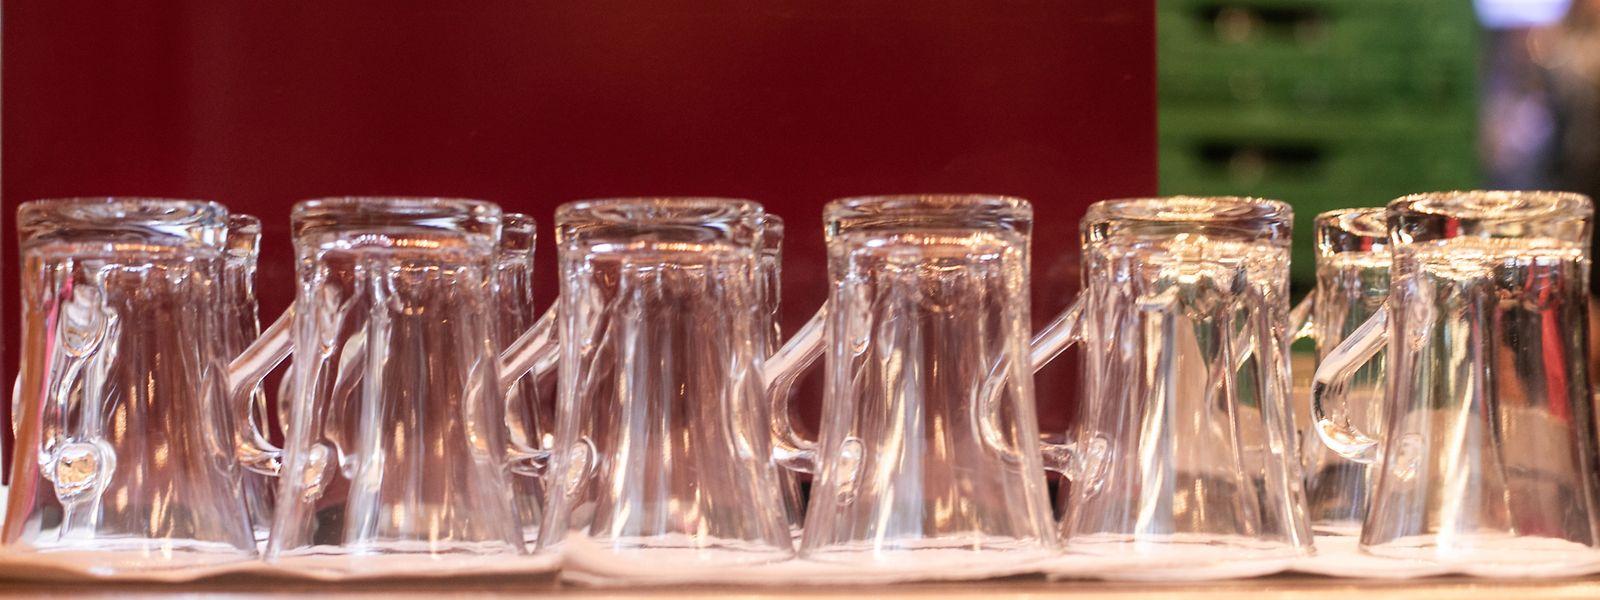 Die Betreiber der Imbissbuden auf dem Weihnachtsmarkt haben schon vor Jahren auf Glas und Porzellan umgestellt.